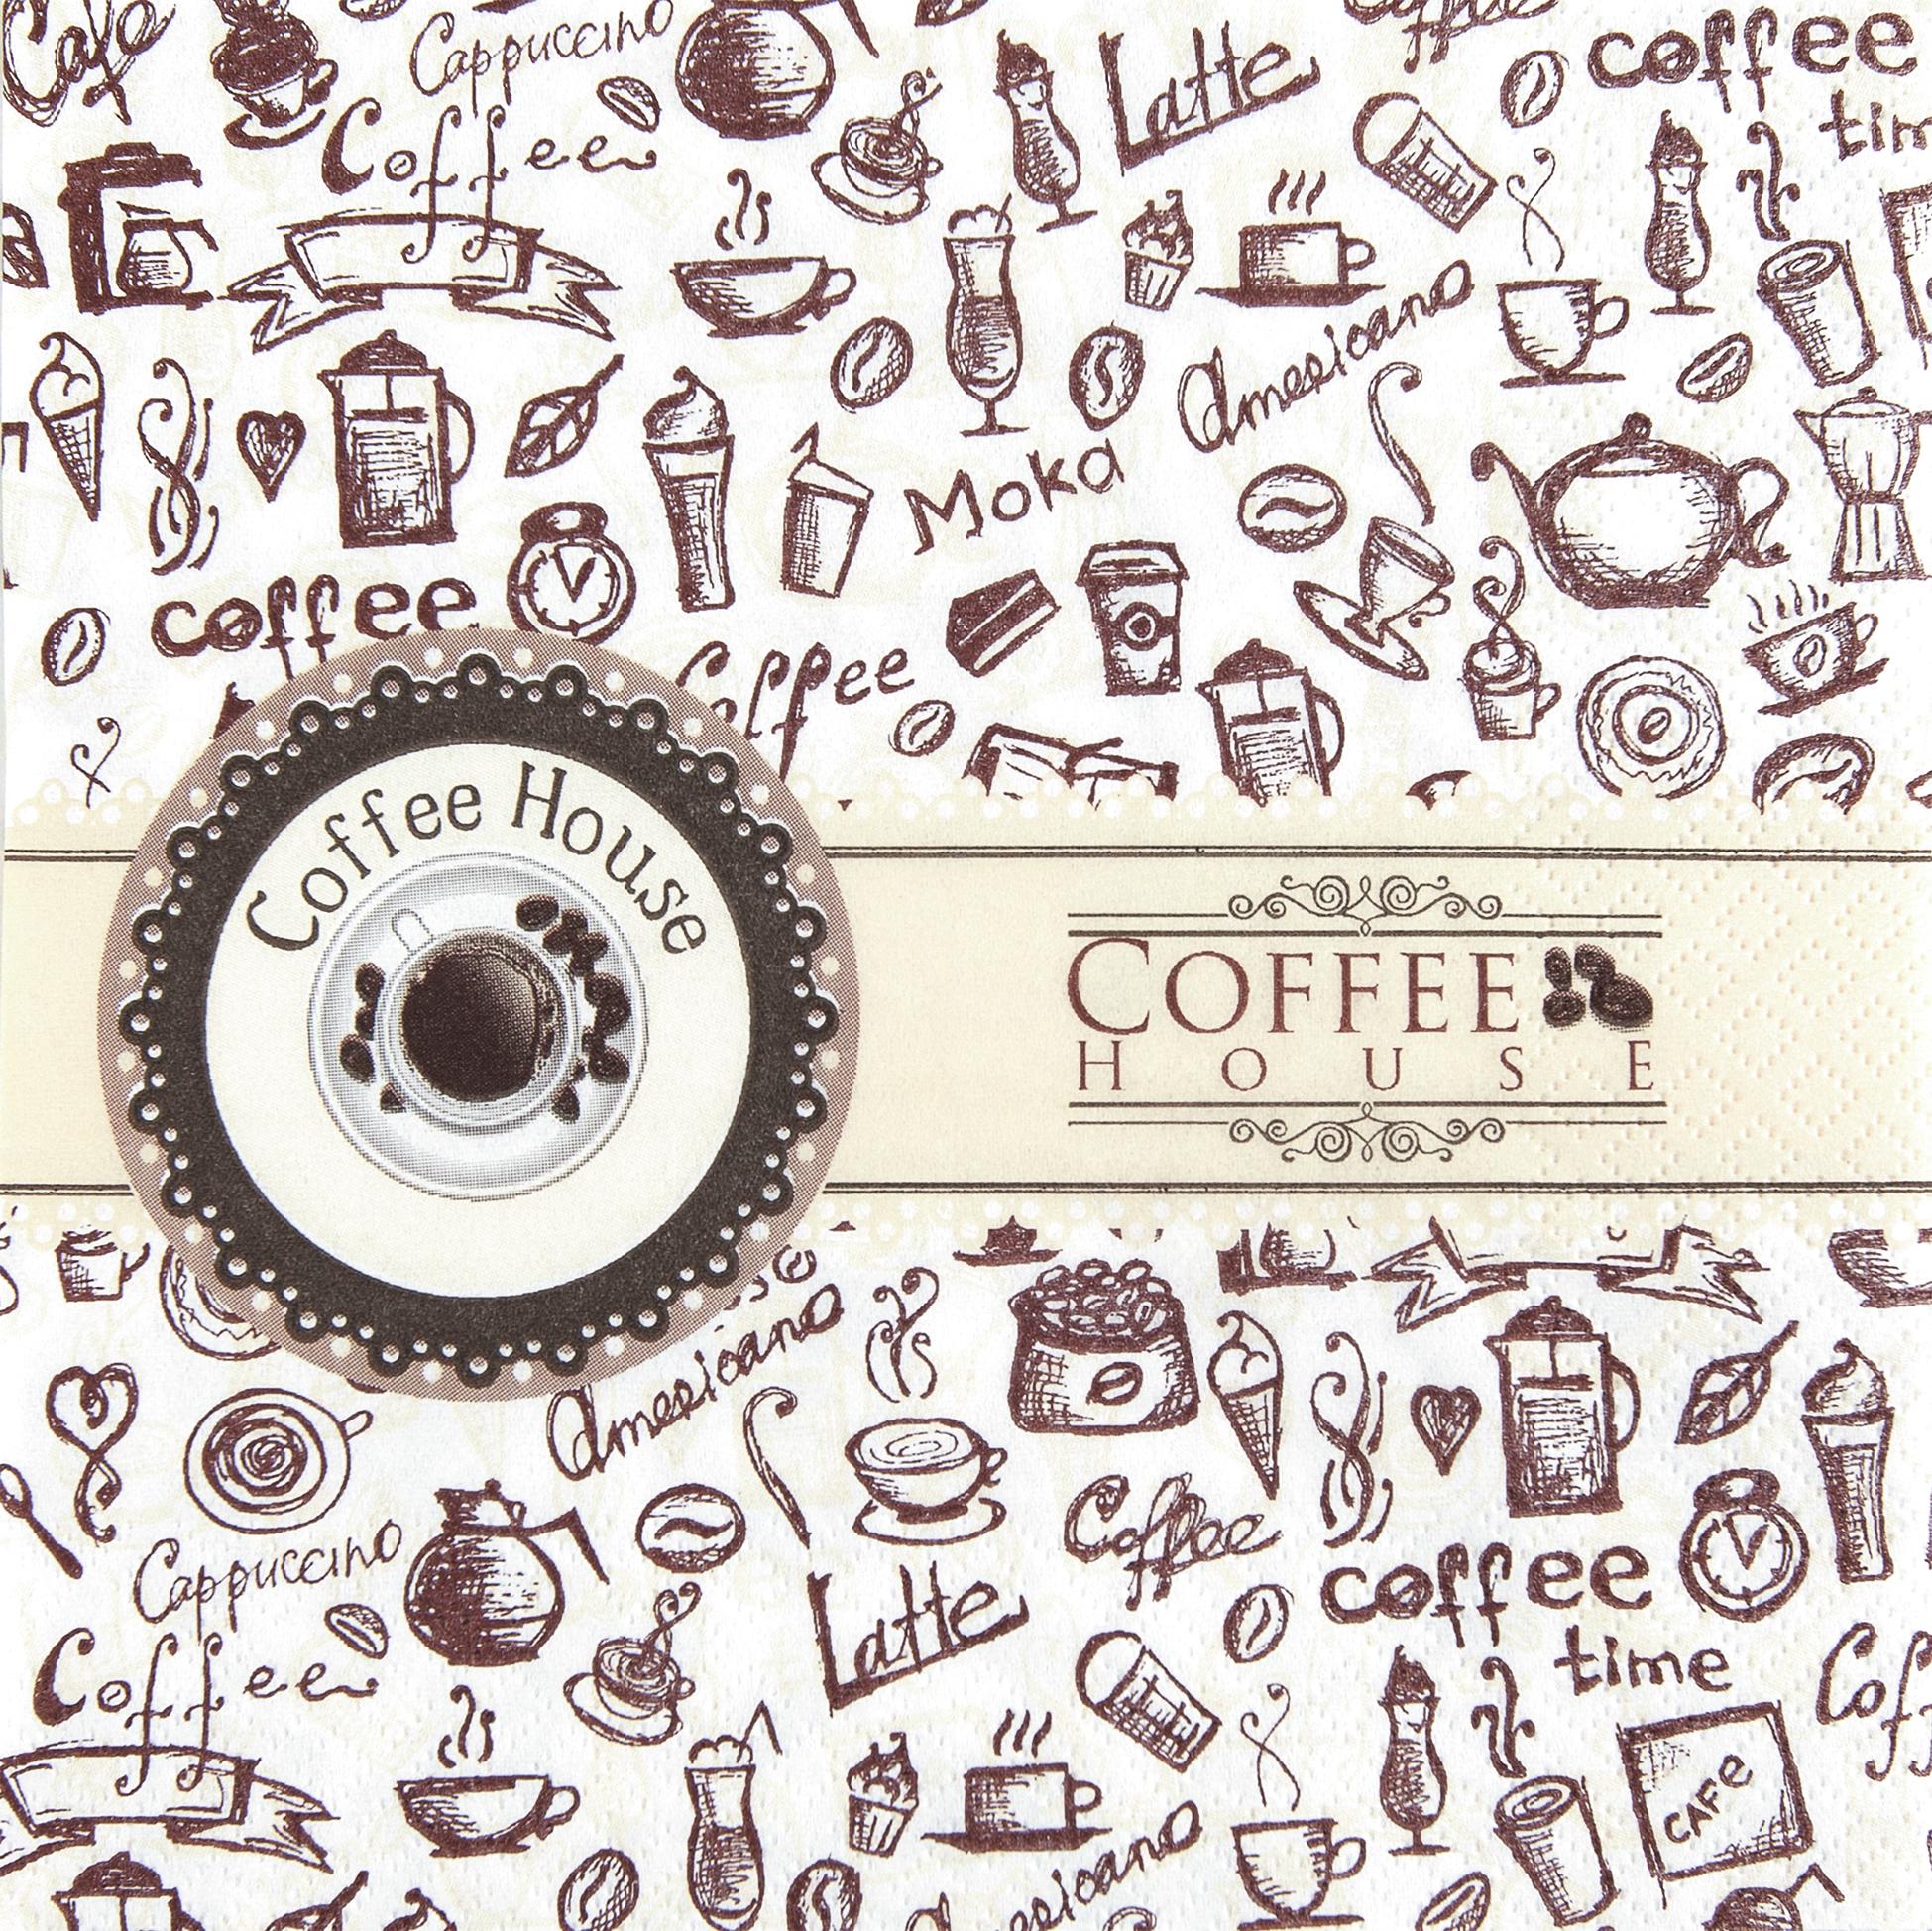 Lunch Servietten Coffee House,  Getränke Kaffee / Tee,  Everyday,  lunchservietten,  Kaffee,  Cappuccino